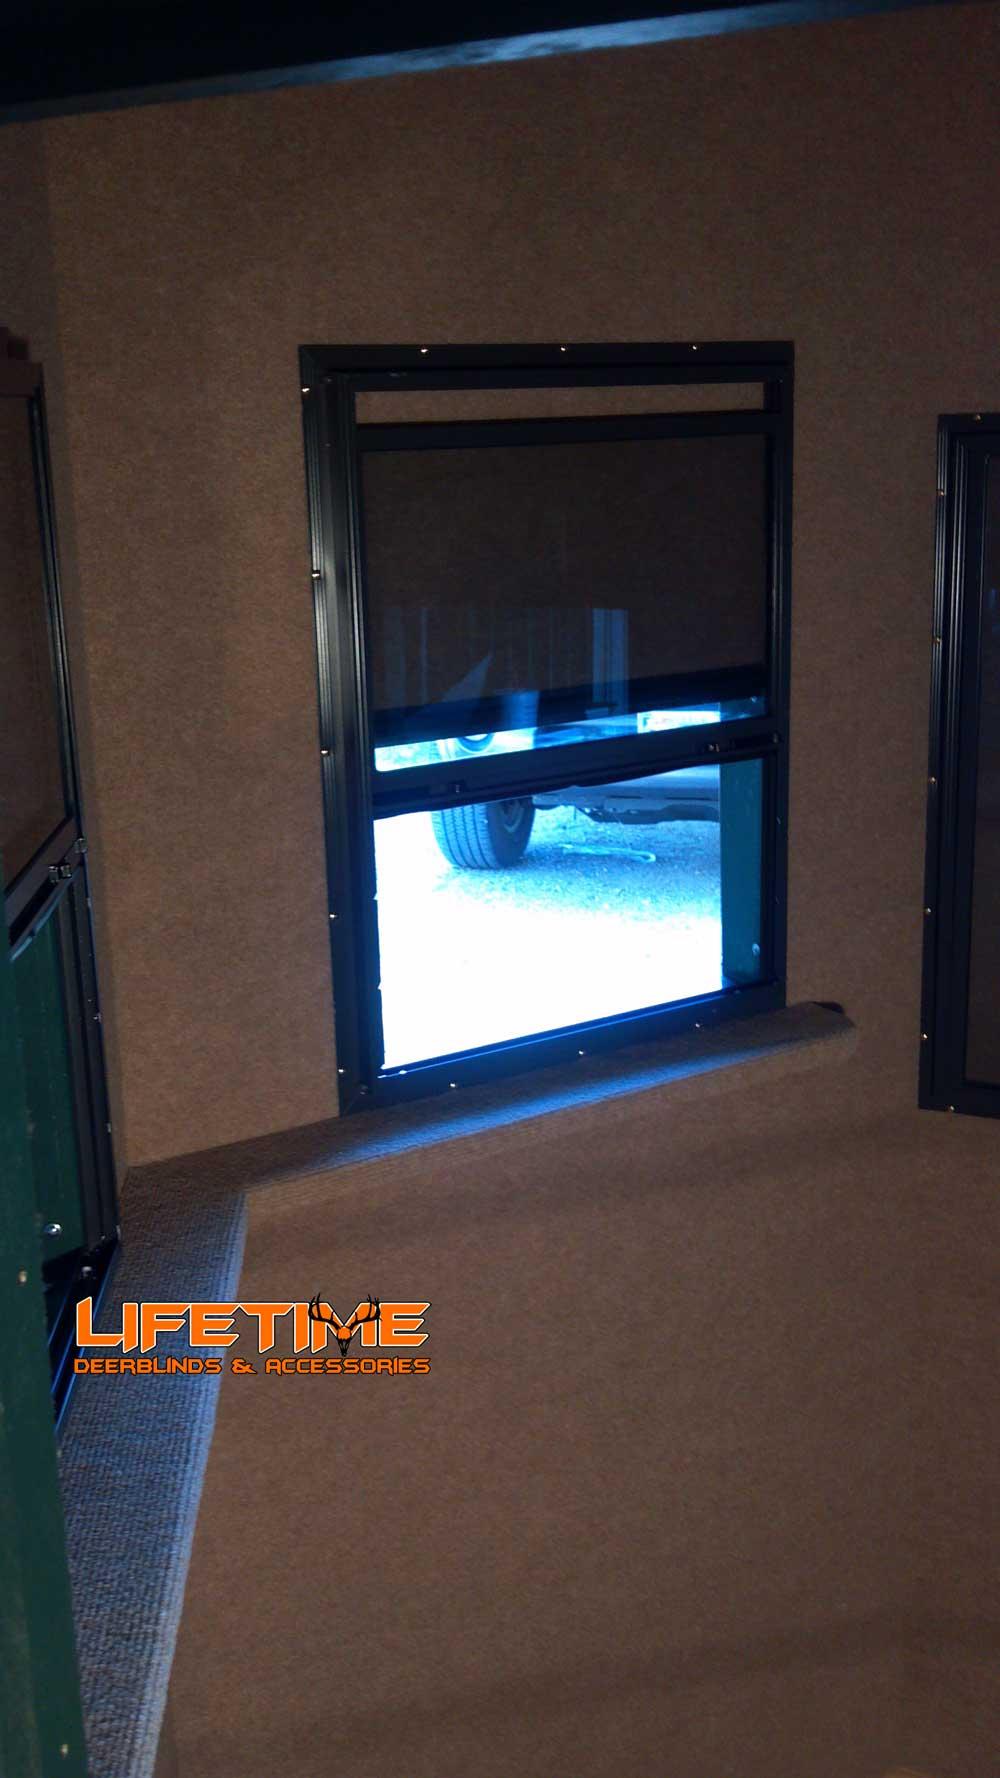 deer blind windows viewing gallery